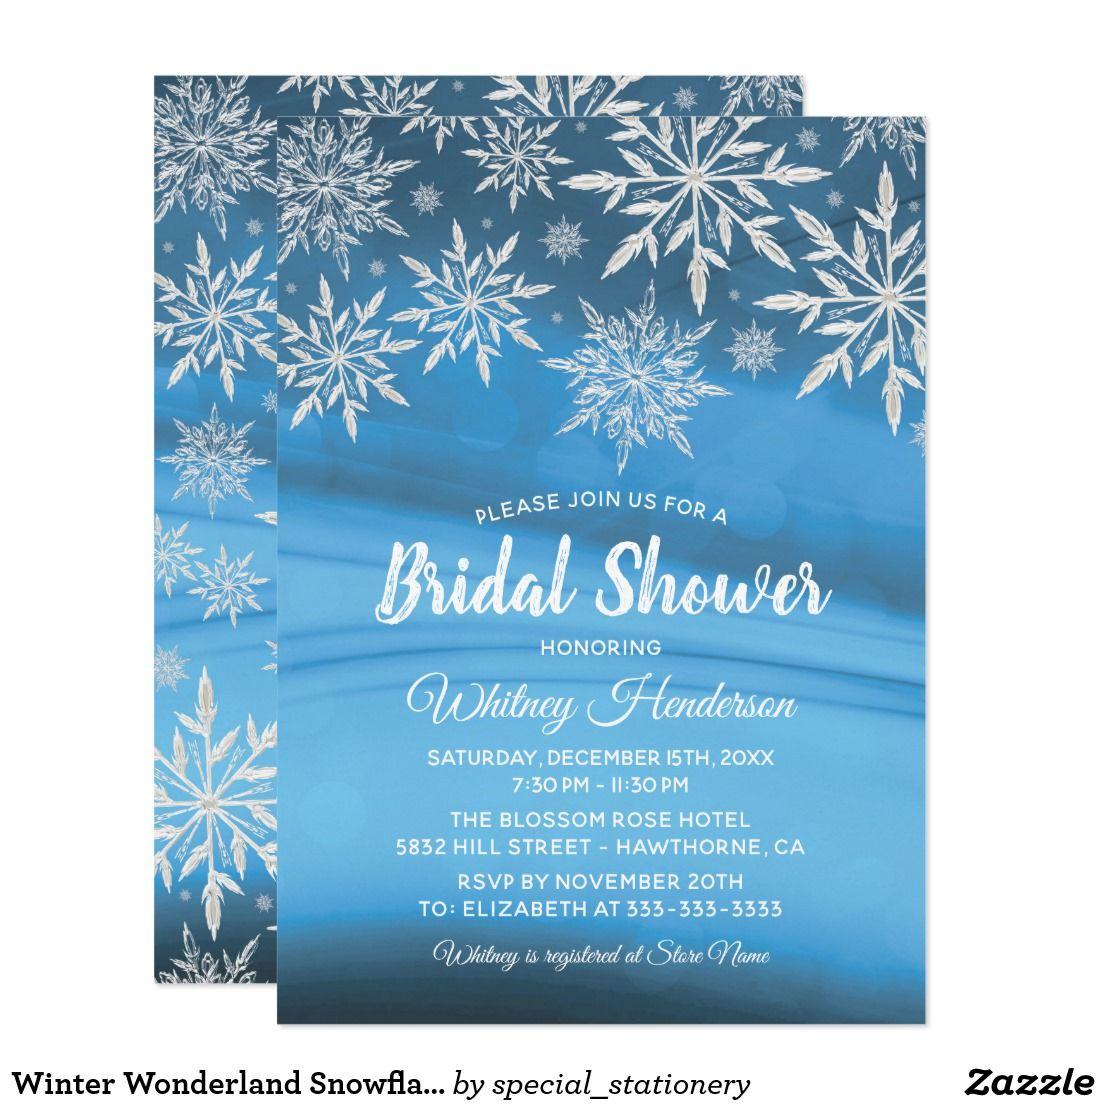 Winter Wonderland Snowflake Bridal Shower Card | Bridal shower cards ...